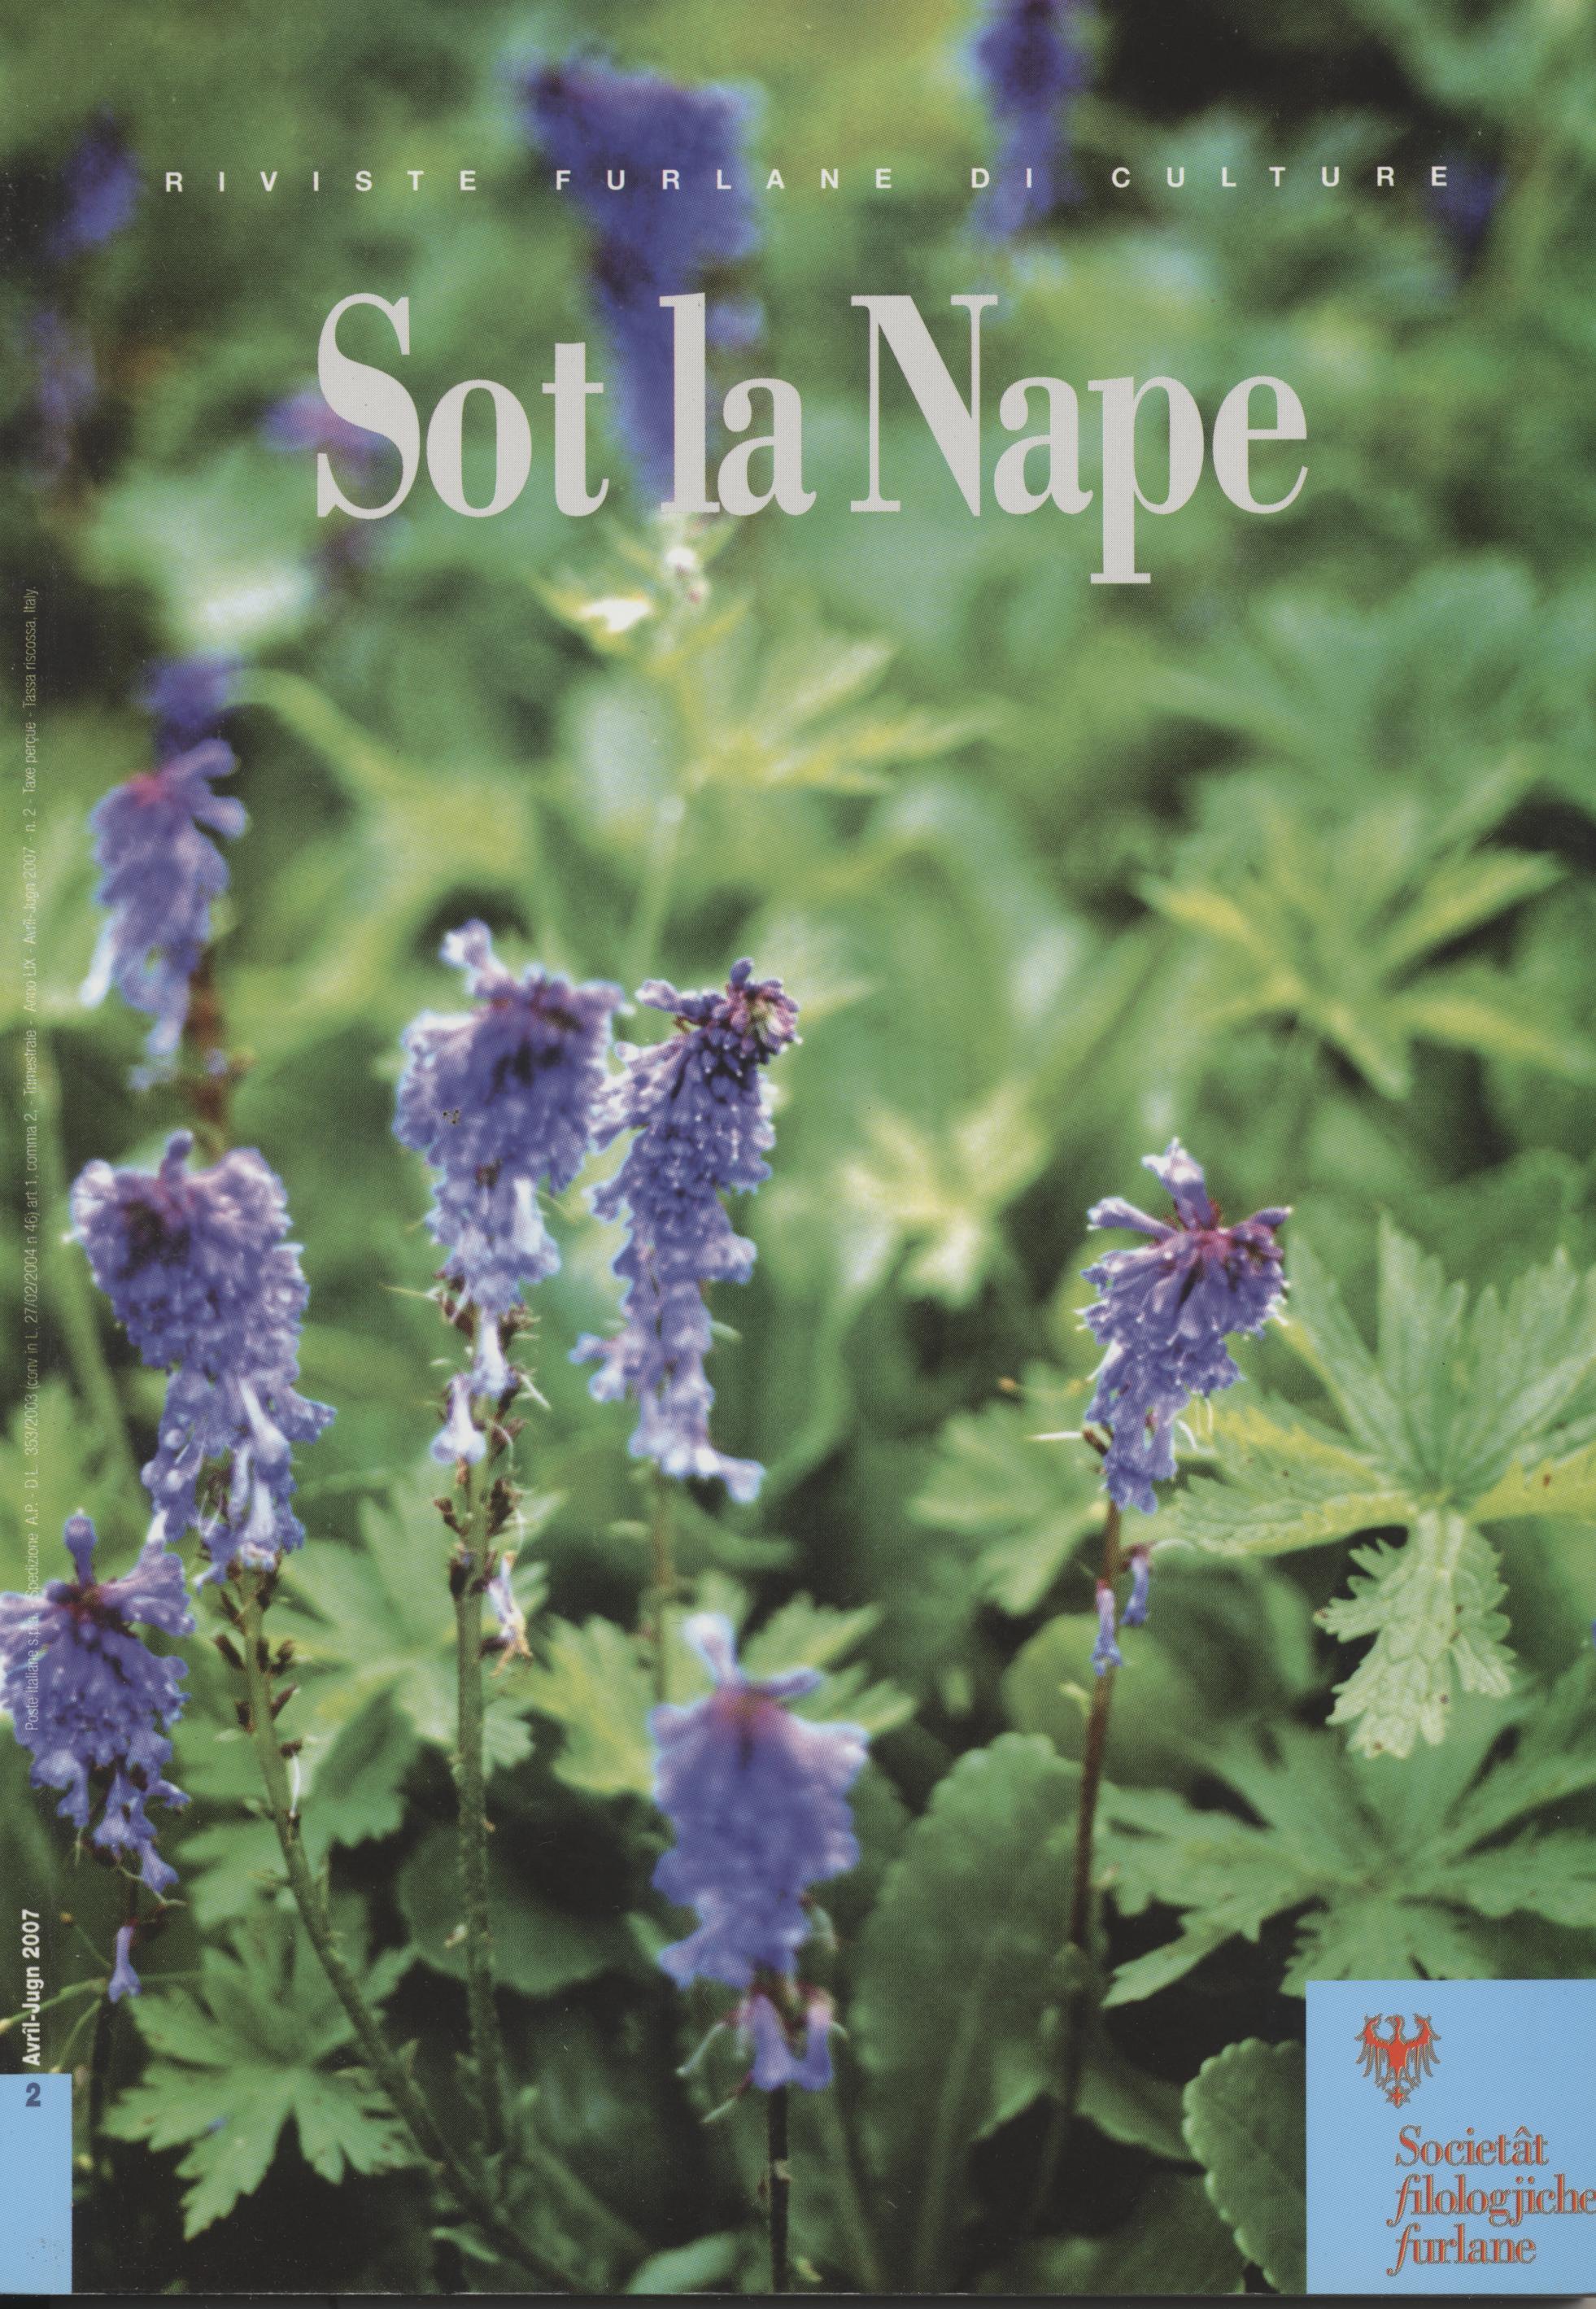 Sot la Nape, n.2 (2007)